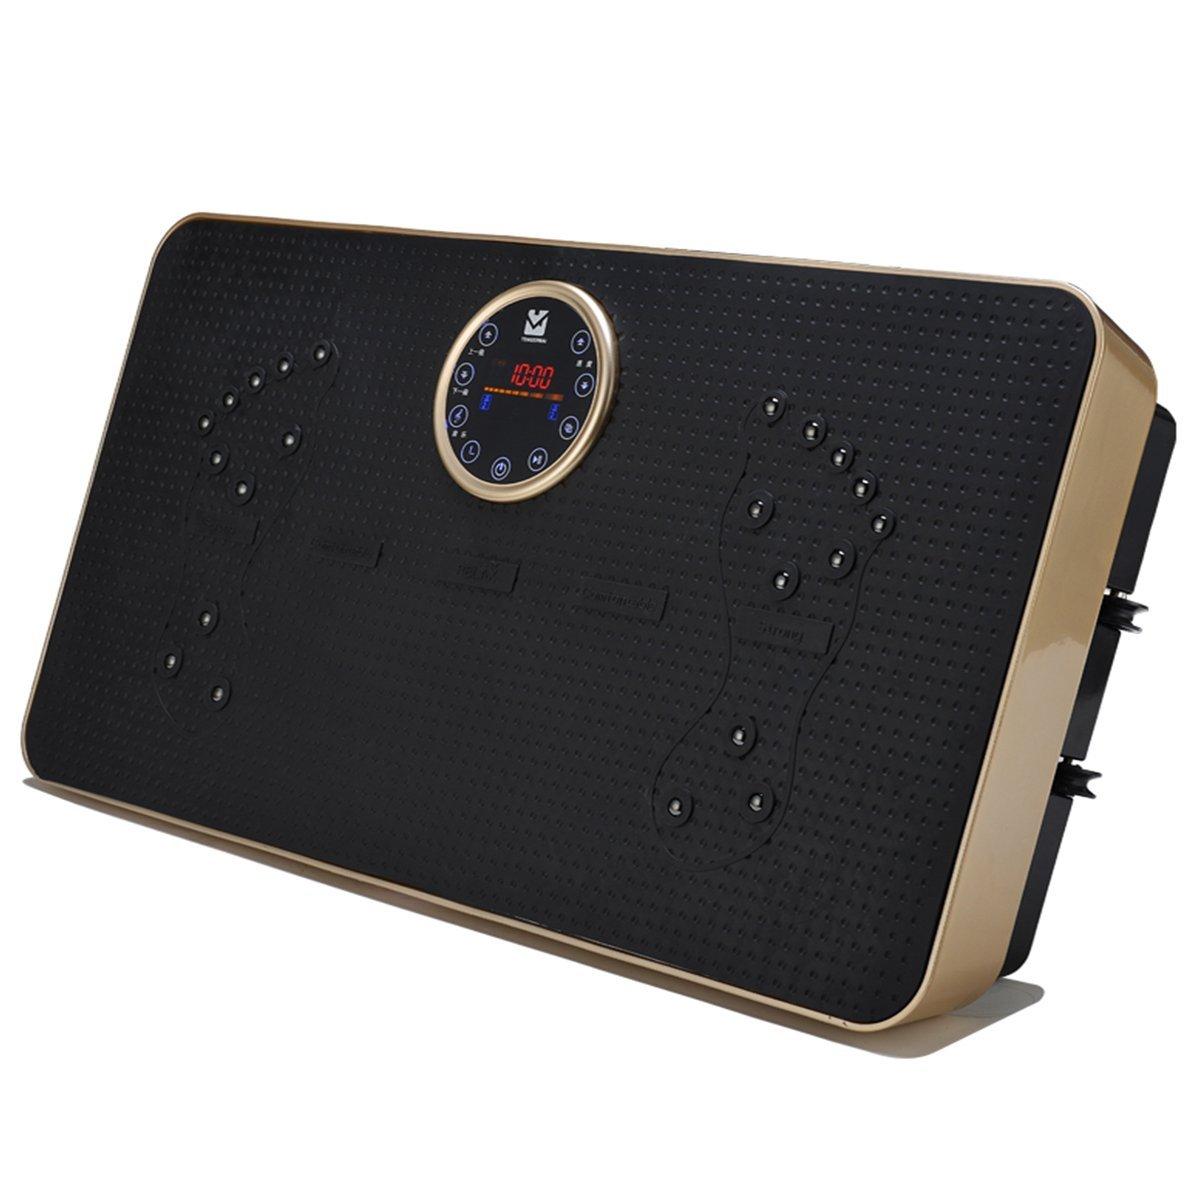 stylishjapan(スタイリッシュジャパン) スリミング 振動ステッパー 円盤メーター型 音楽プレイヤー機能付 老害物排出 脂肪燃焼 エクスサイズ ダイエット  ゴールド B01GCQF4NI